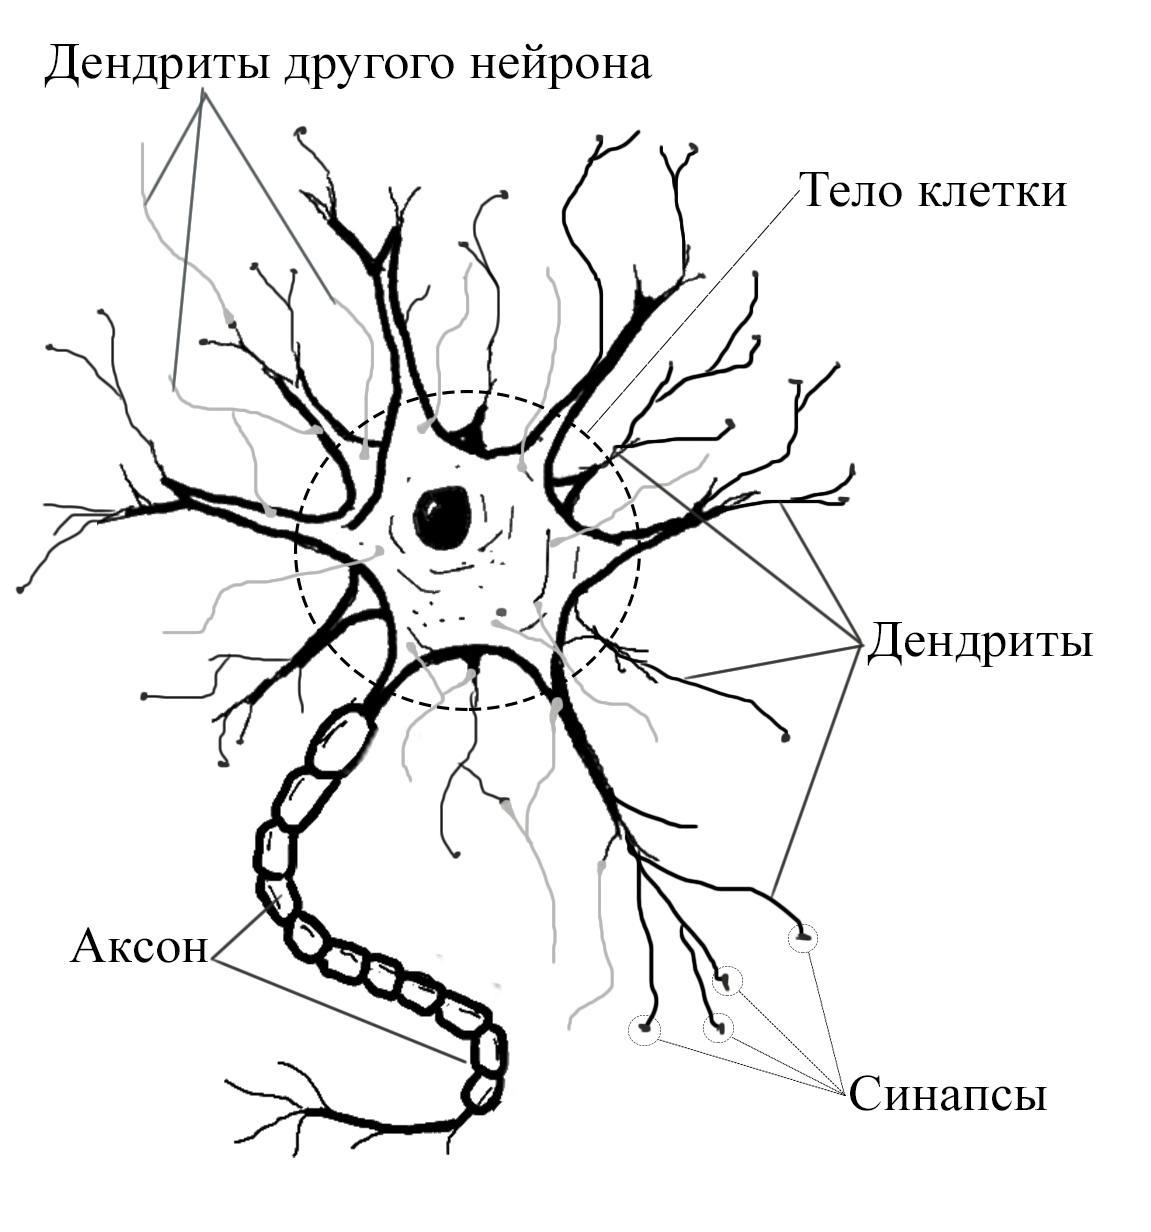 Логика сознания. Часть 9. Искусственные нейронные сети и миниколонки реальной коры - 2